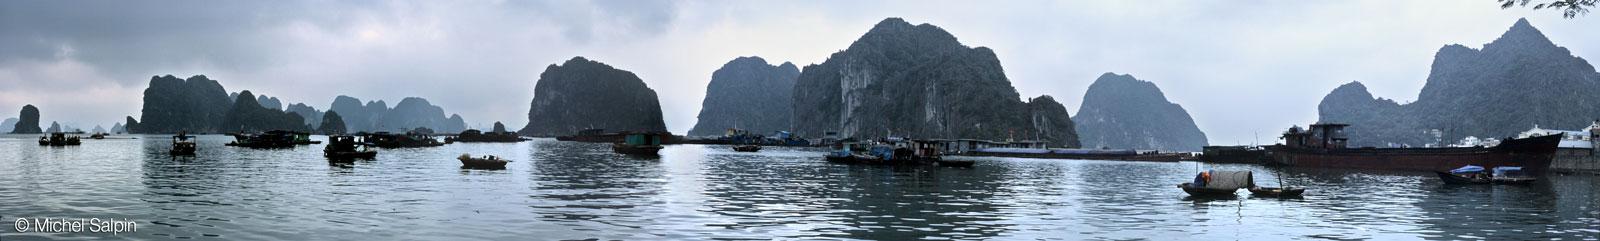 Le port de Hongai au Vietnam